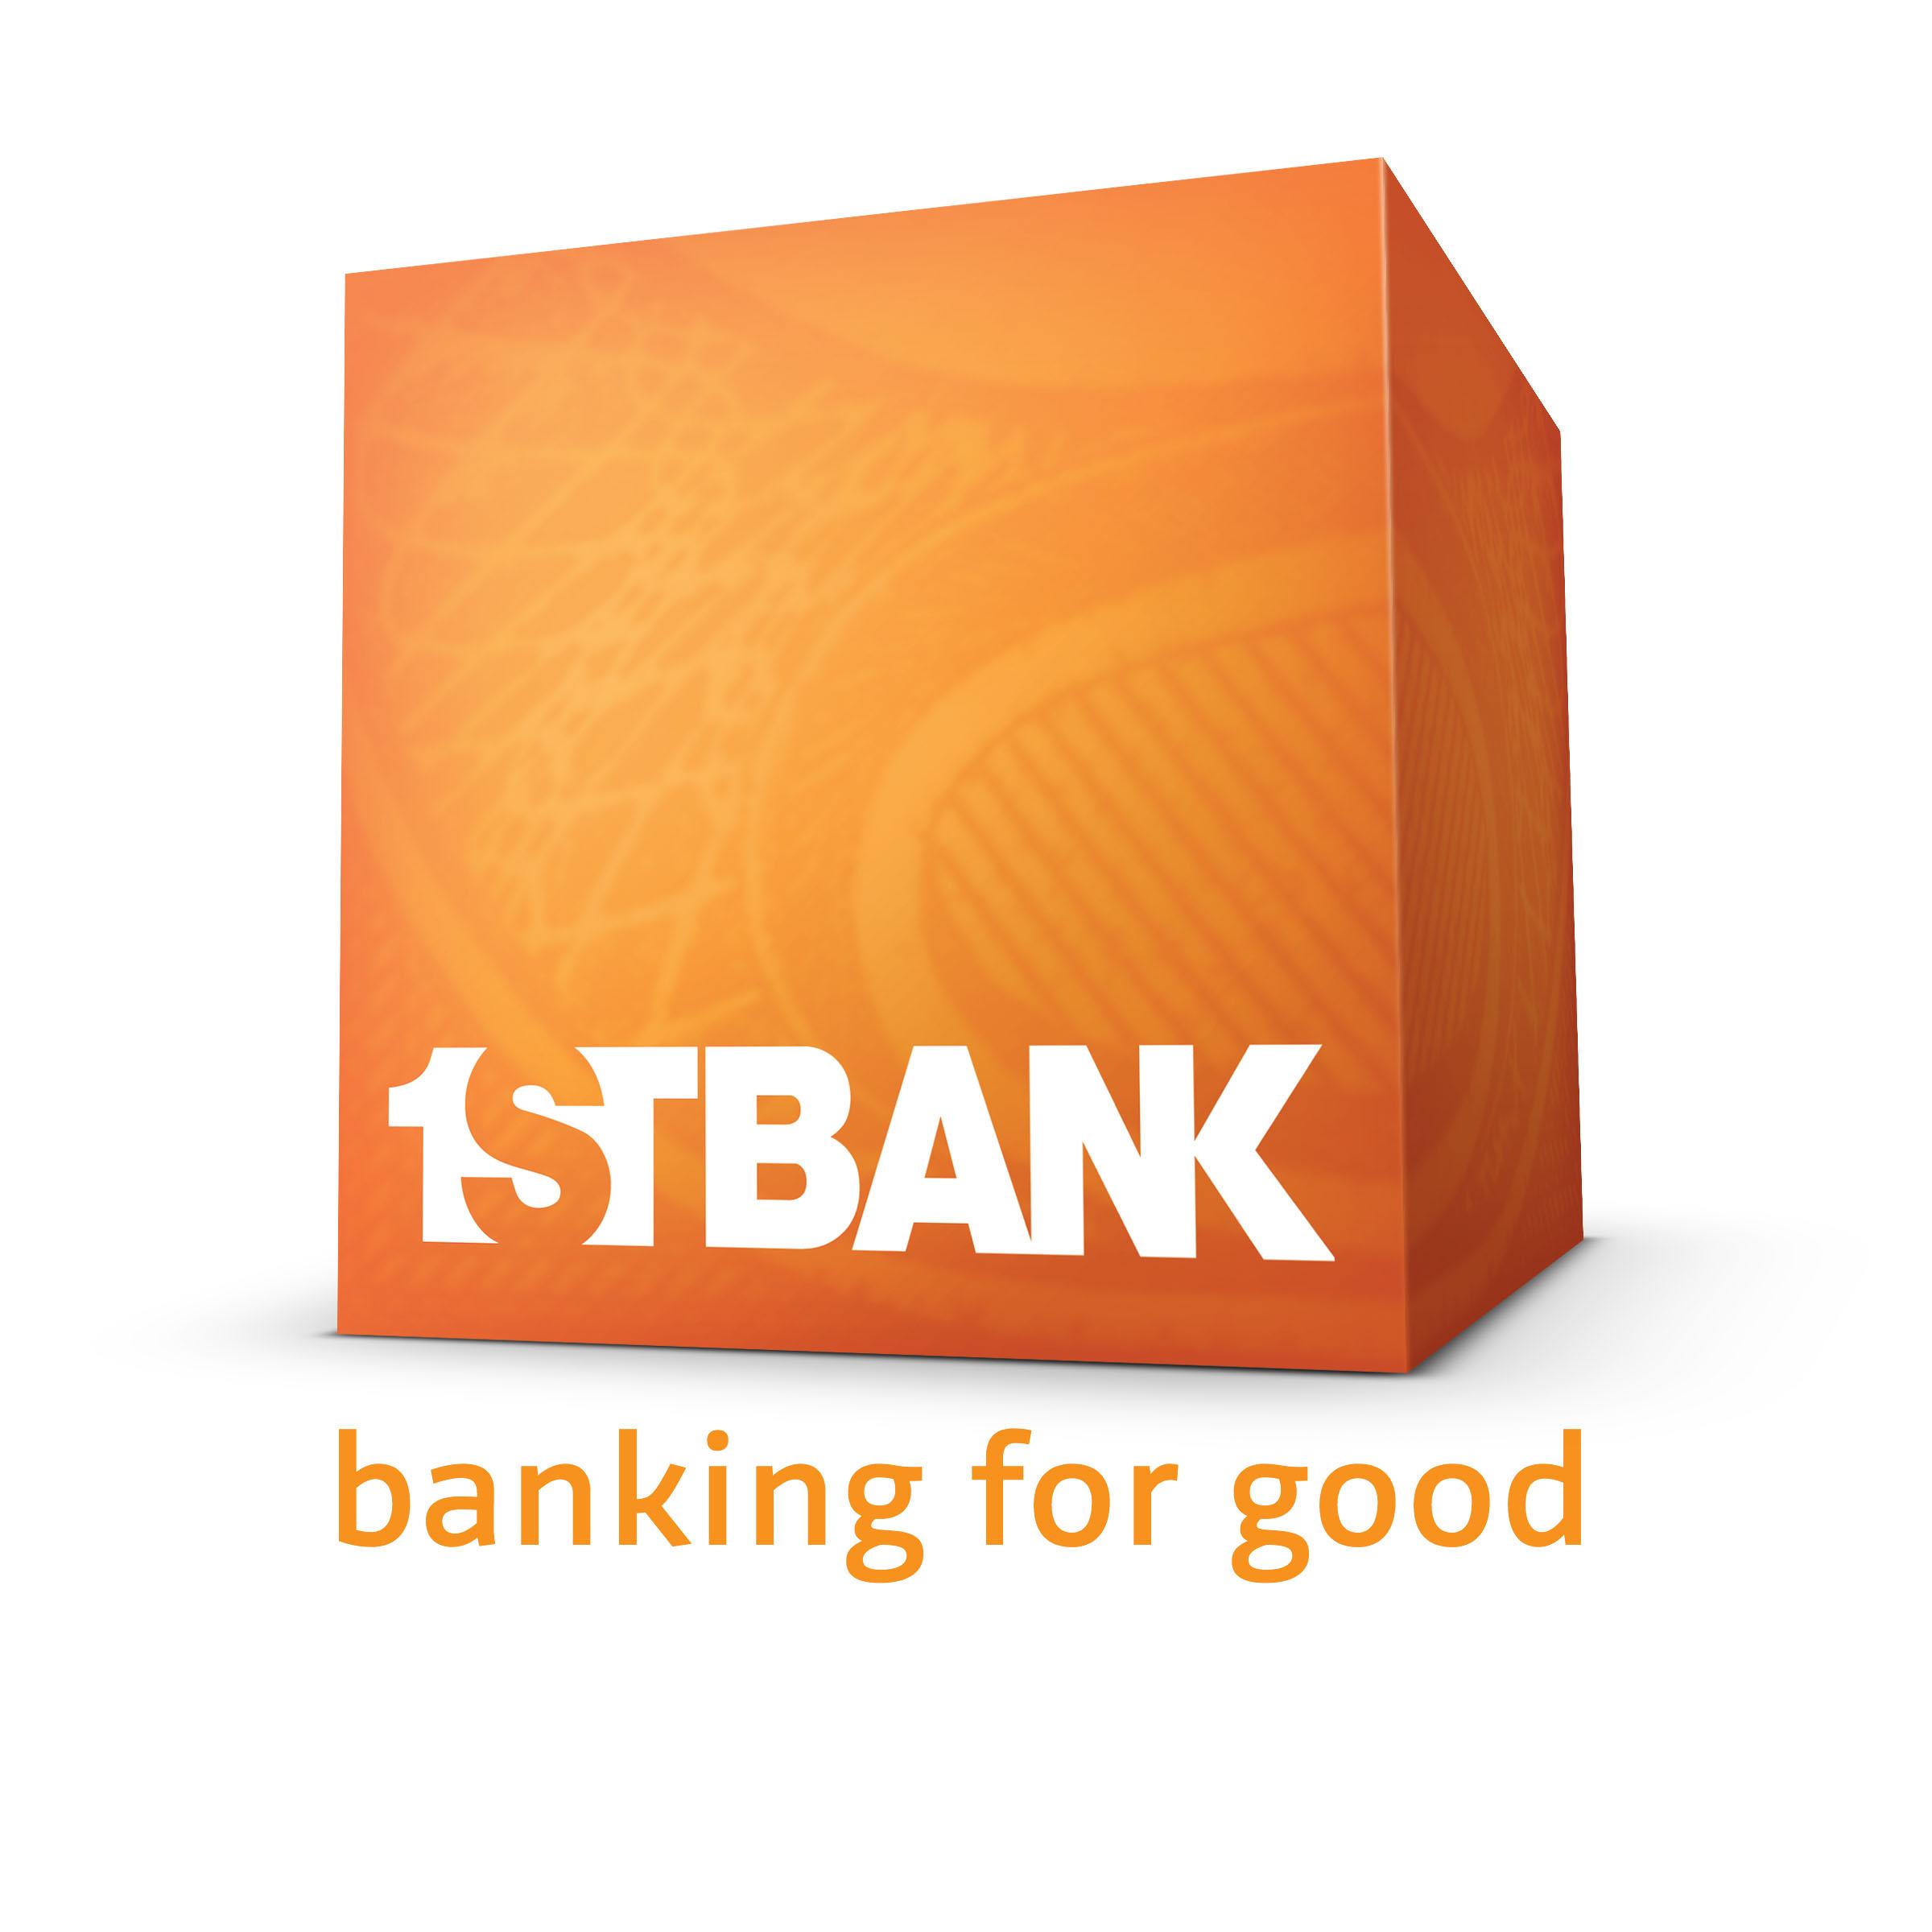 FirstBank.jpg